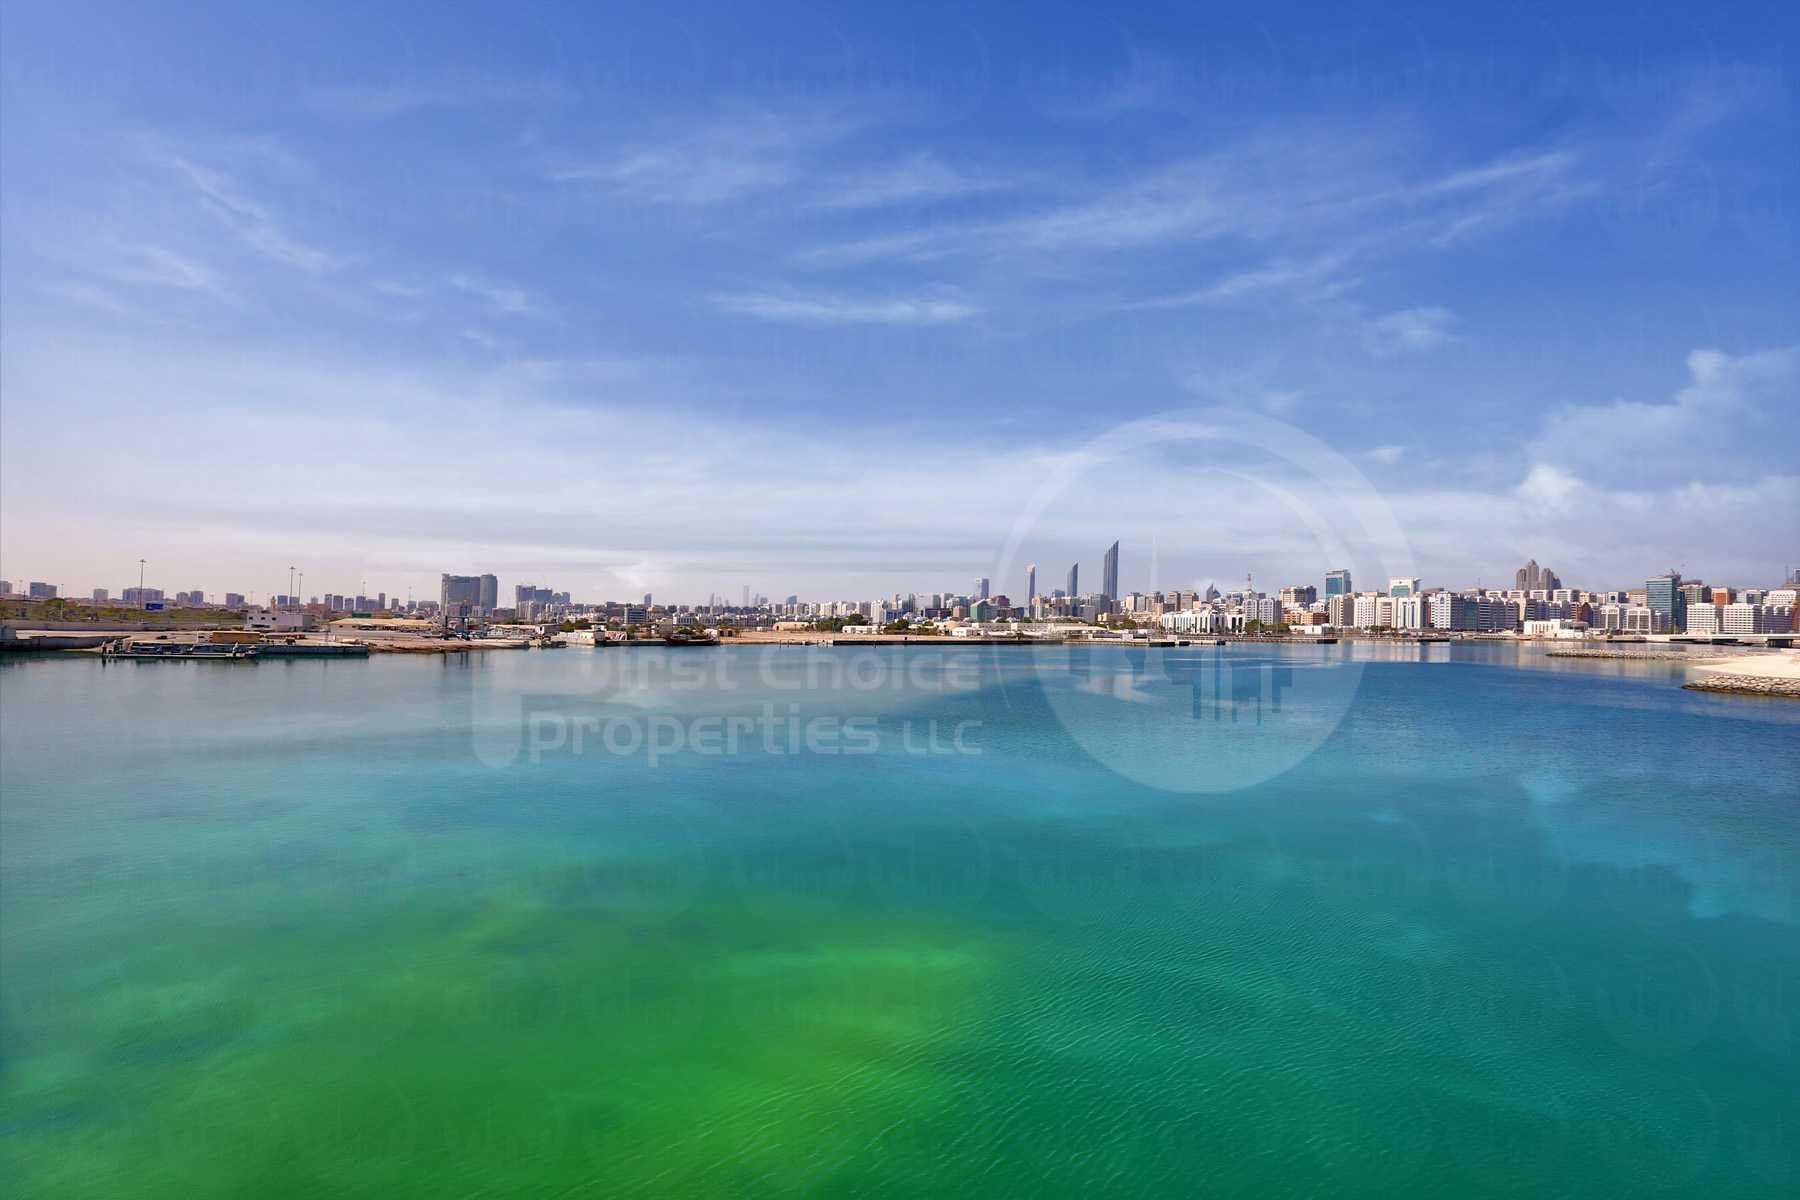 Studio - 1BR - 2BR - 3BR - 4BR Apartment - Abu Dhabi - UAE - Al Reem Island - Marina Square - Outside View (75).jpg